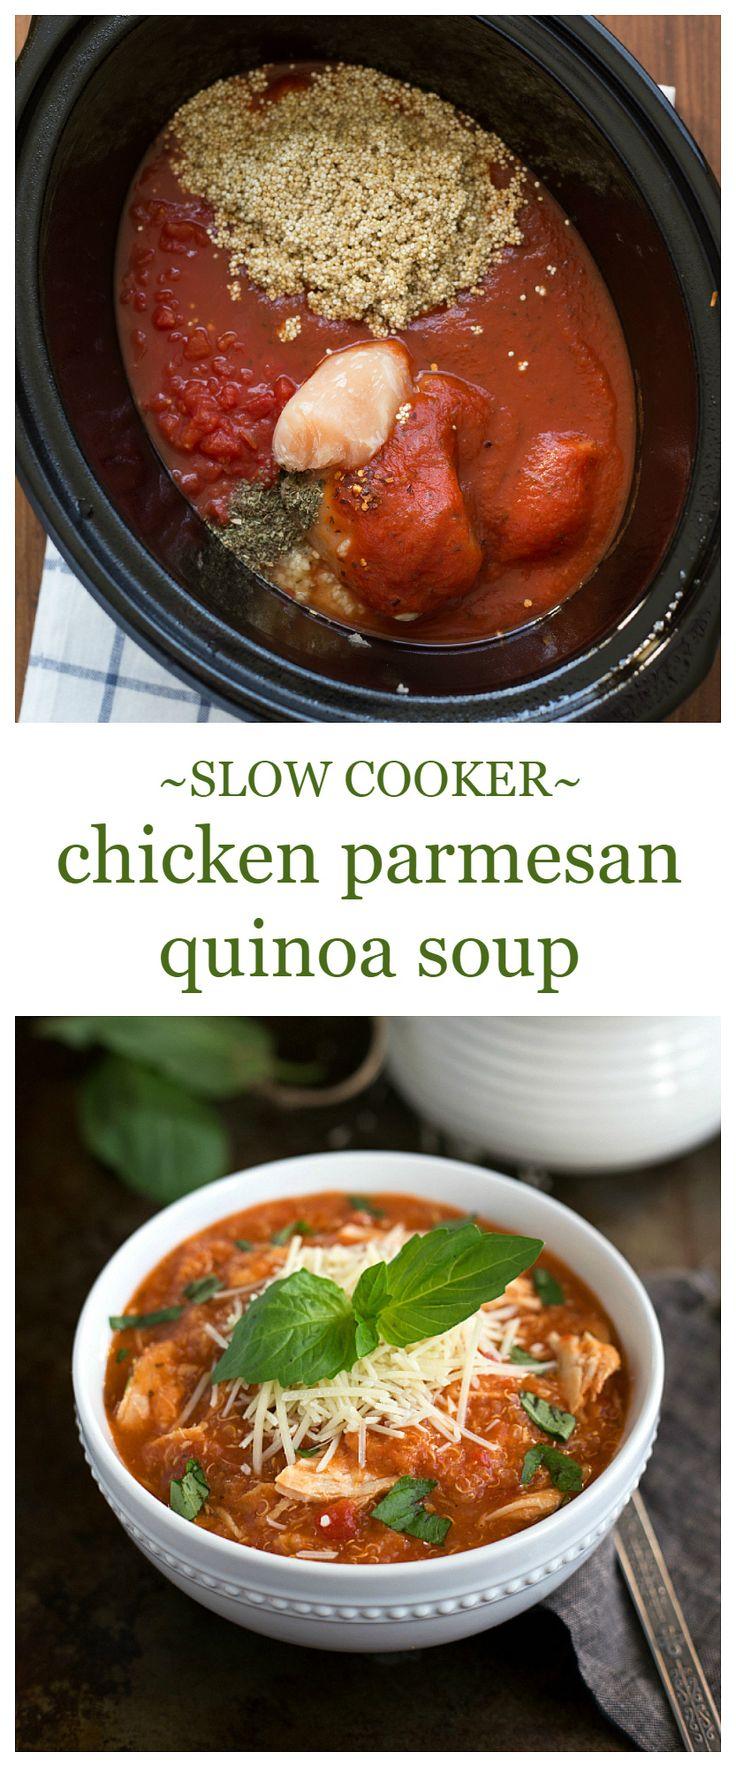 {Slow Cooker} Quinoa Chicken Parmesan Soup | Chelsea's Messy Apron